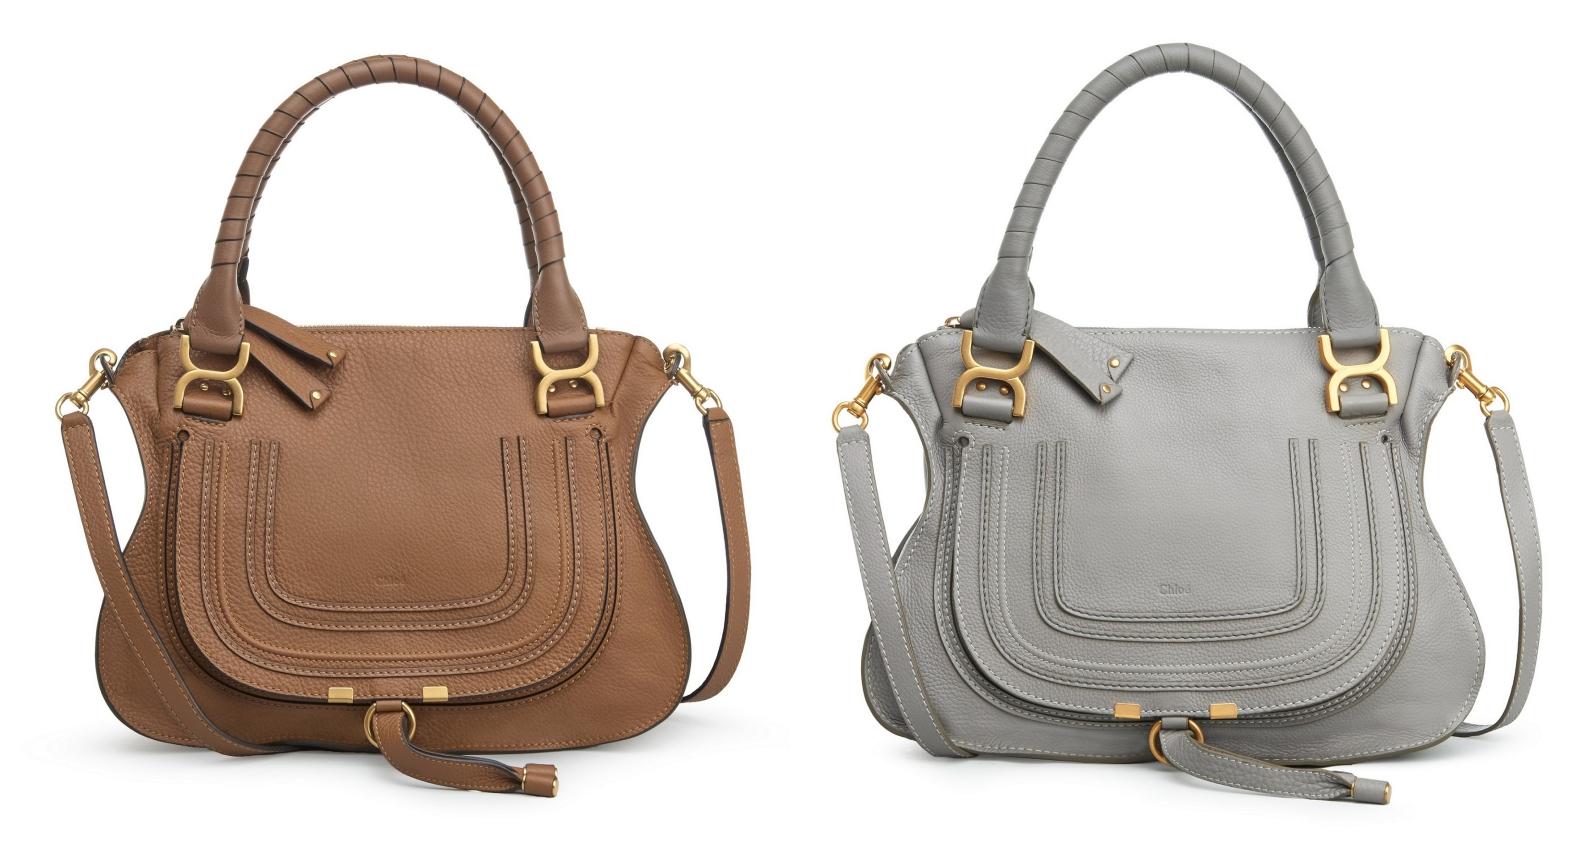 【經典款】Chloé Marcie栗棕色肩背手提包 NT.66,700、【經典款】Chloé Marcie灰色肩背手提包 NT.66,700